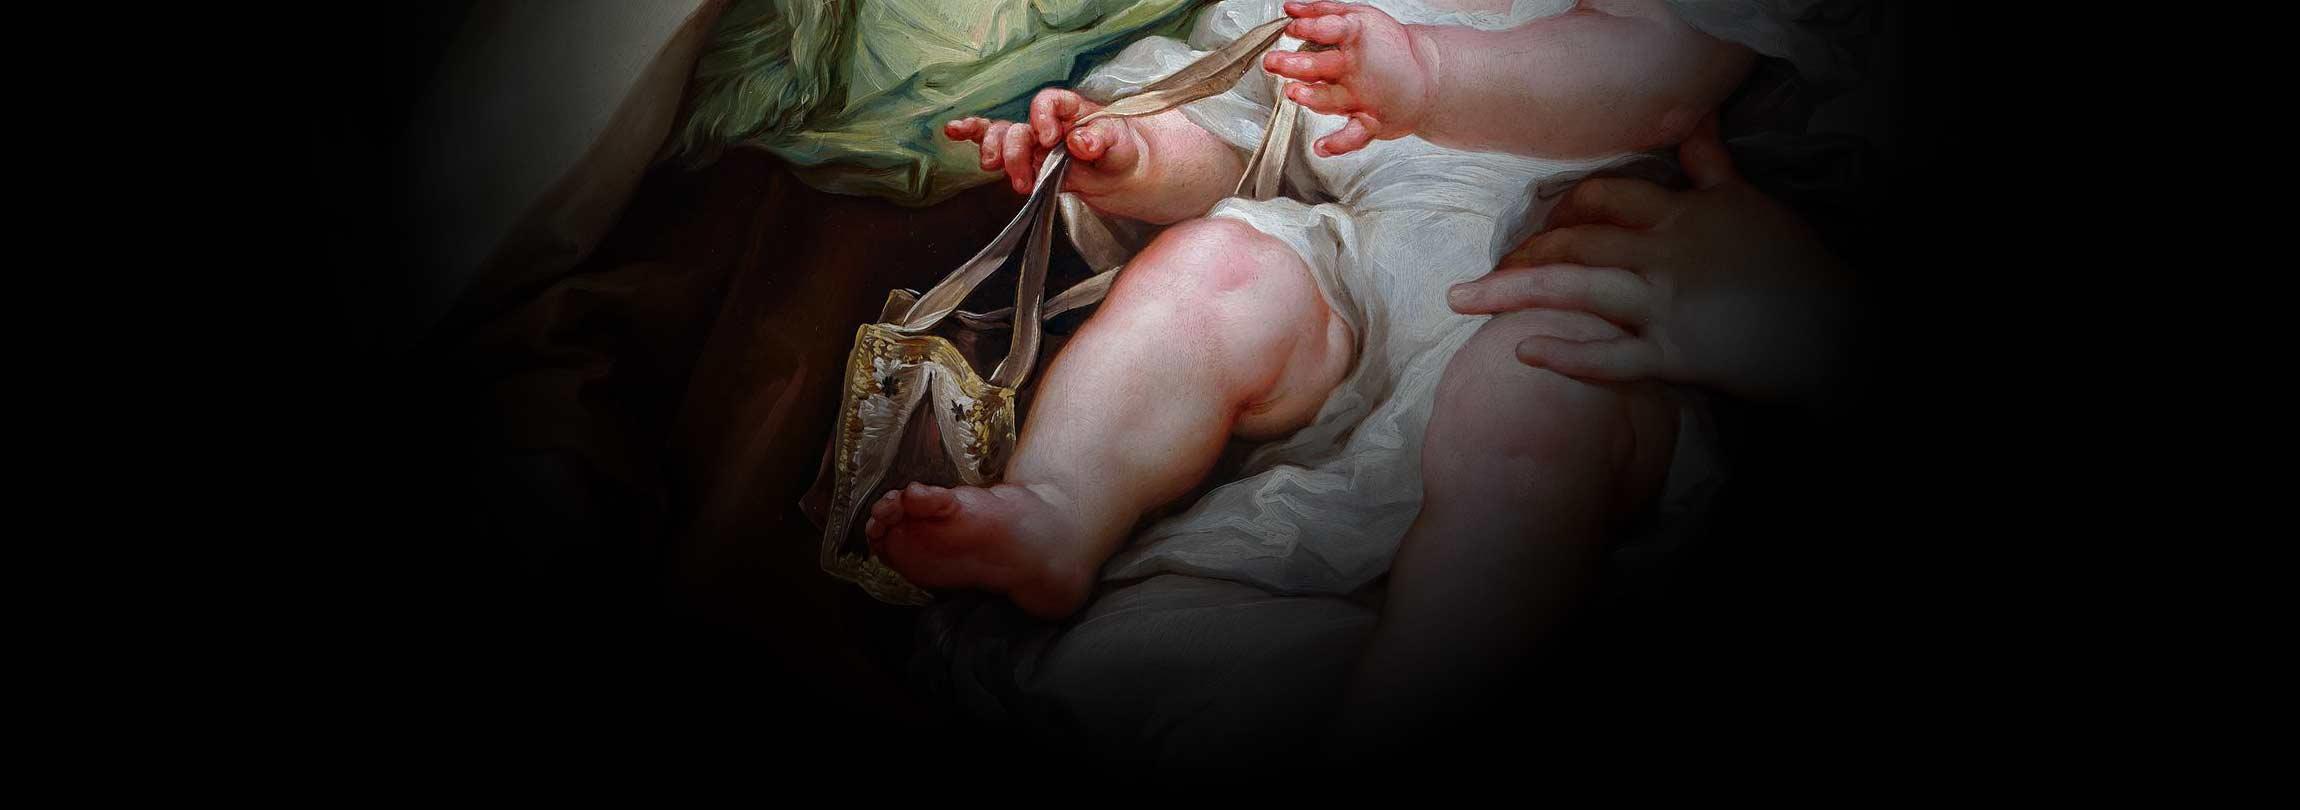 Nossa Senhora do Carmo, padroeira e mestra da vida interior